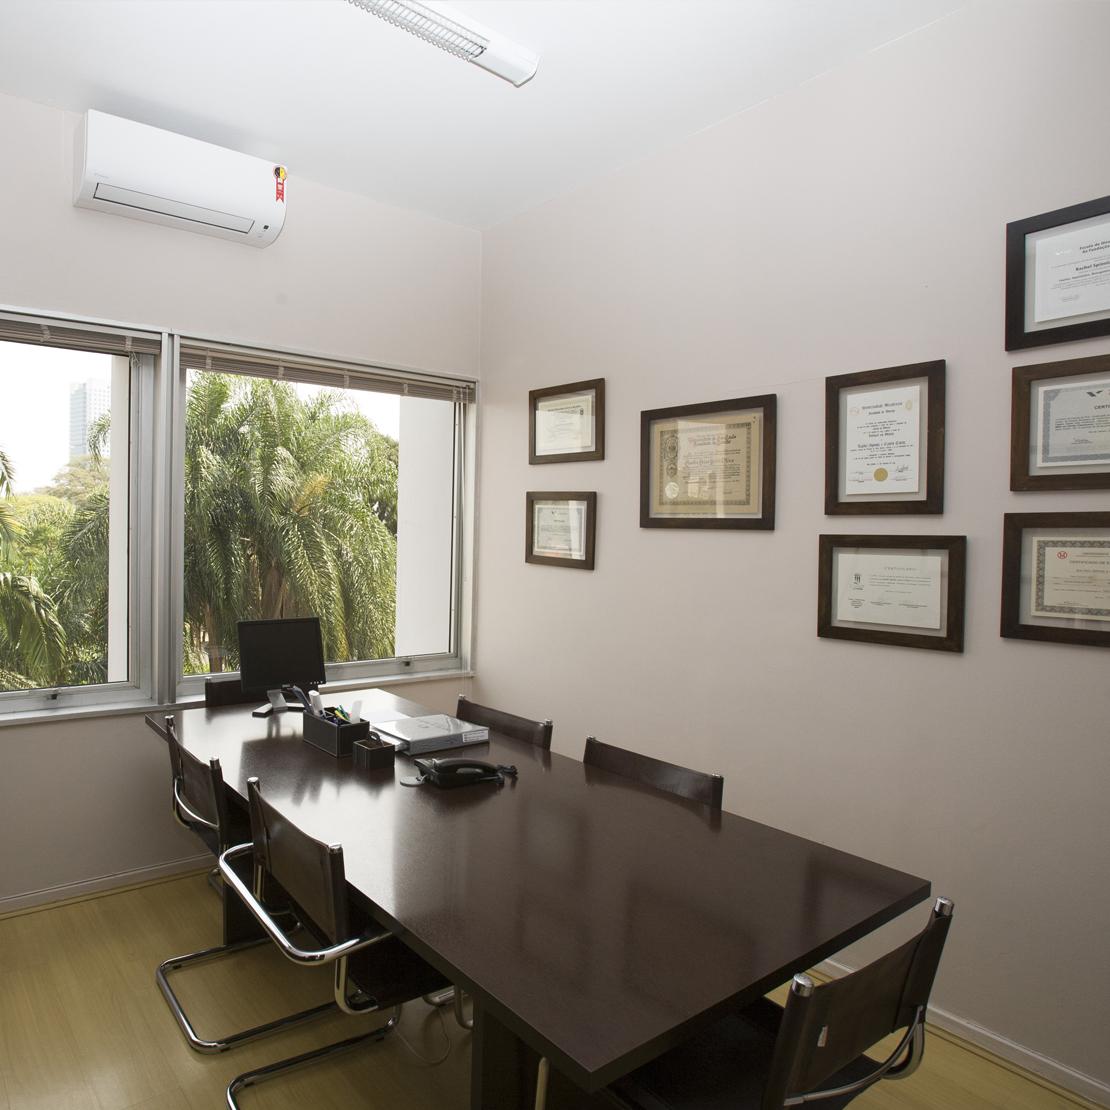 escritorio-de-advocacia-canto-e-oliva-sala-de-reuniao-2